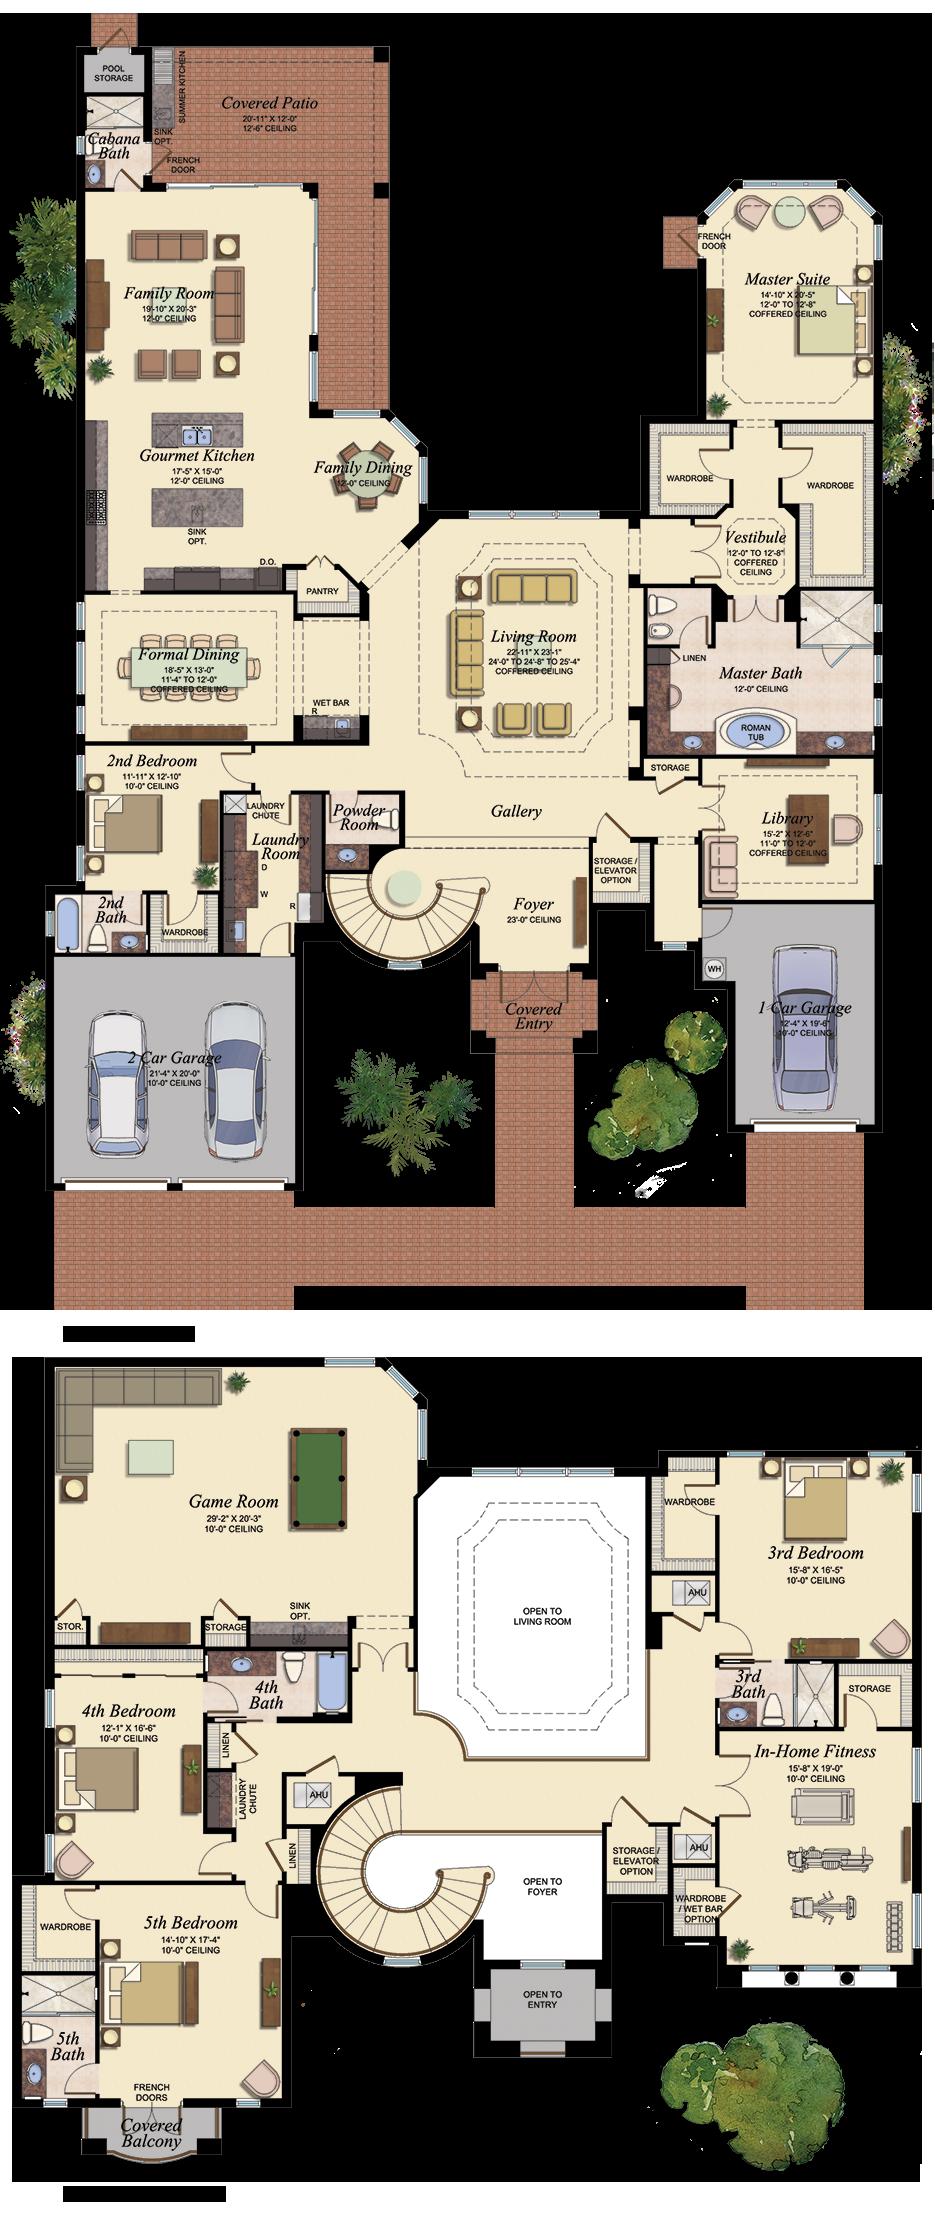 Room Design Plans: Planos De Casas, Planos De Casas Modernas